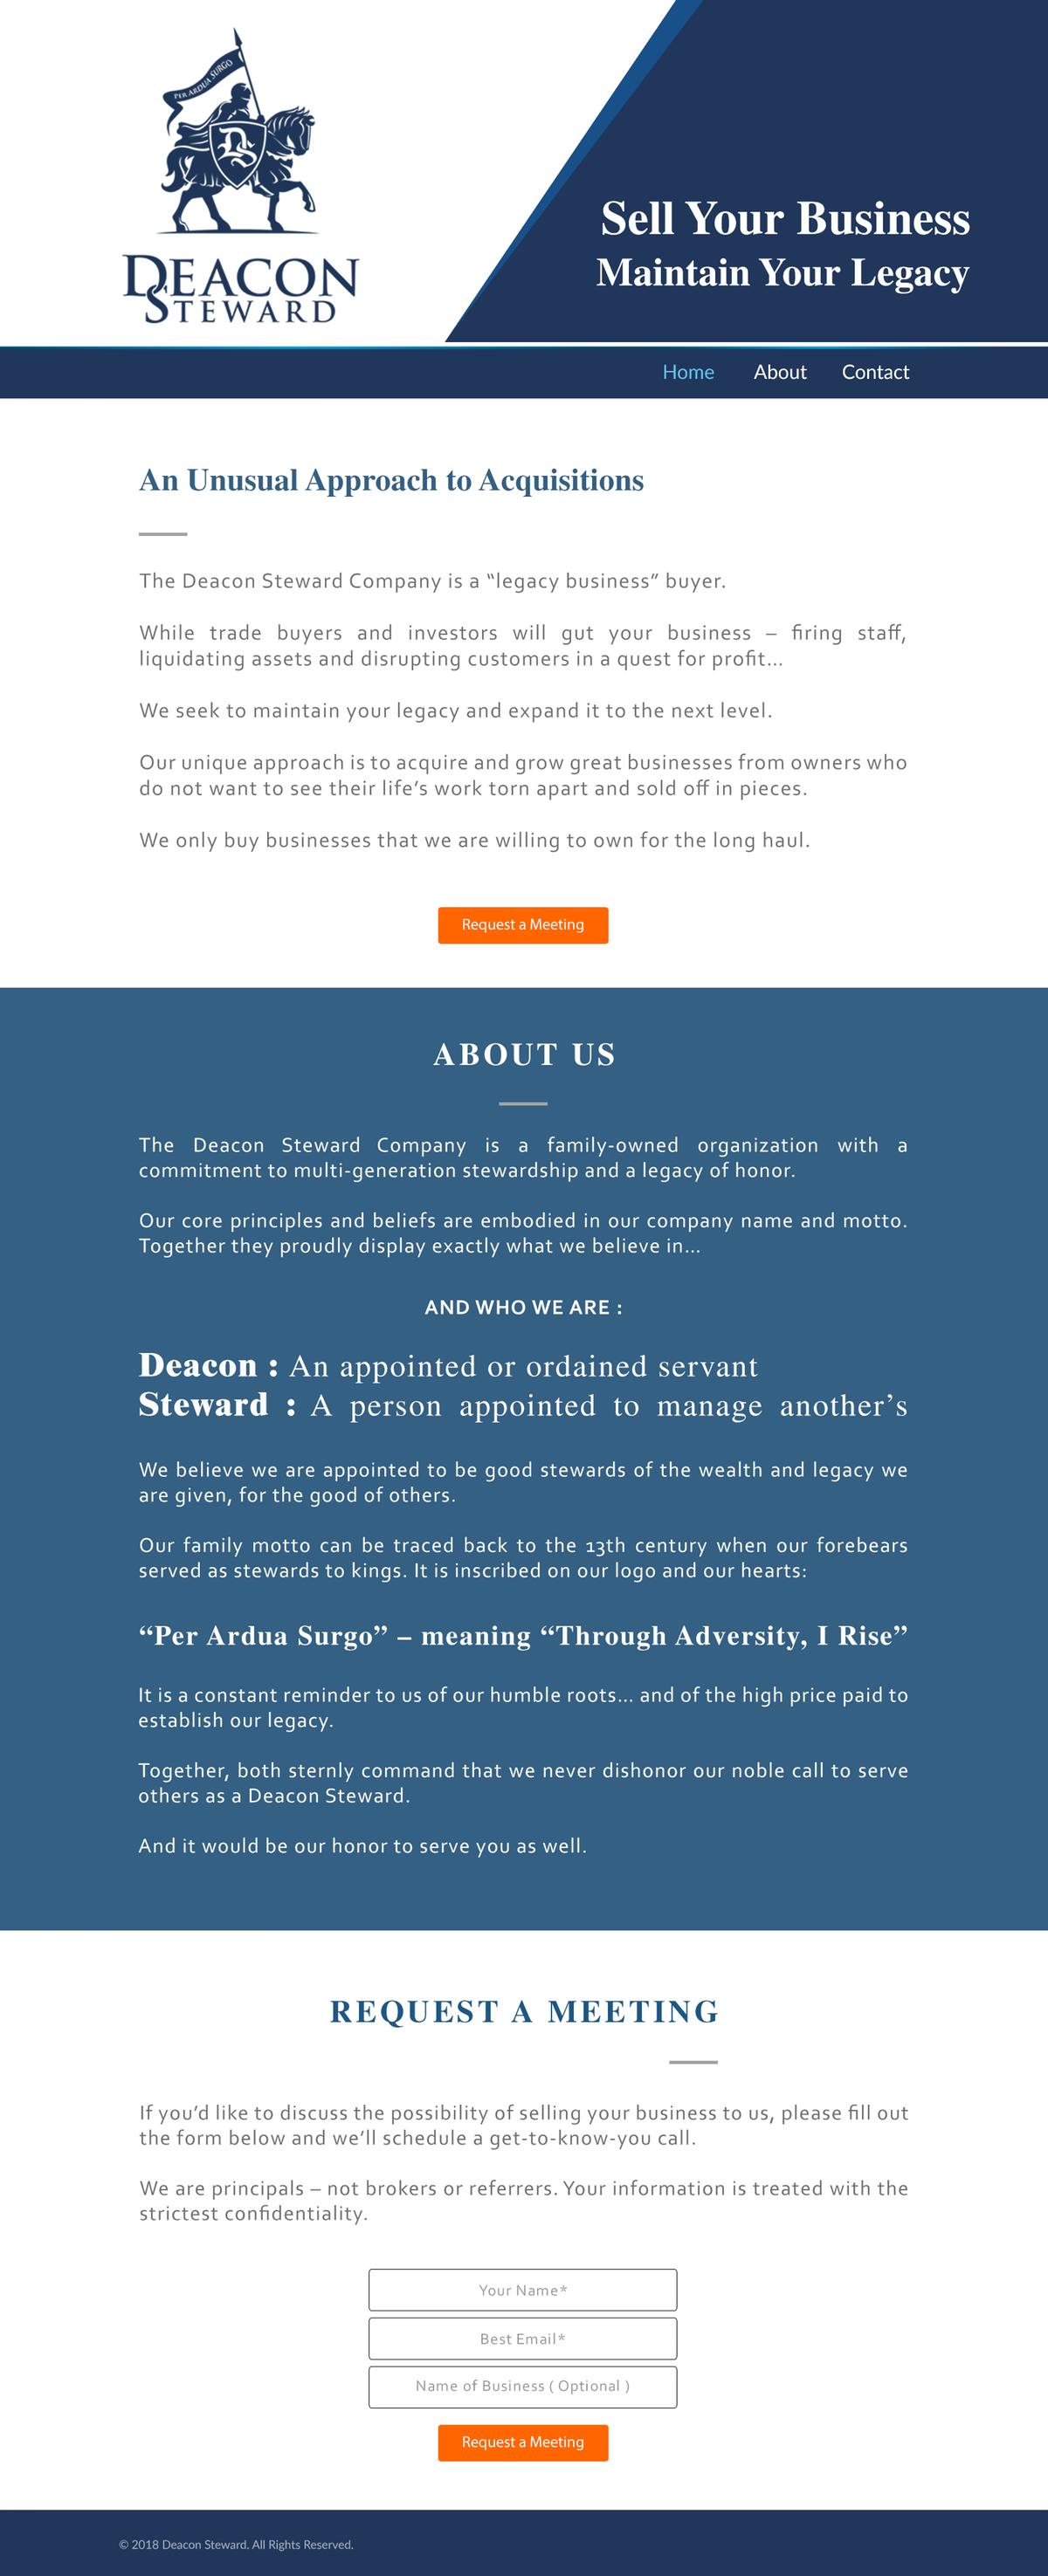 Deacon Steward Webpage Design